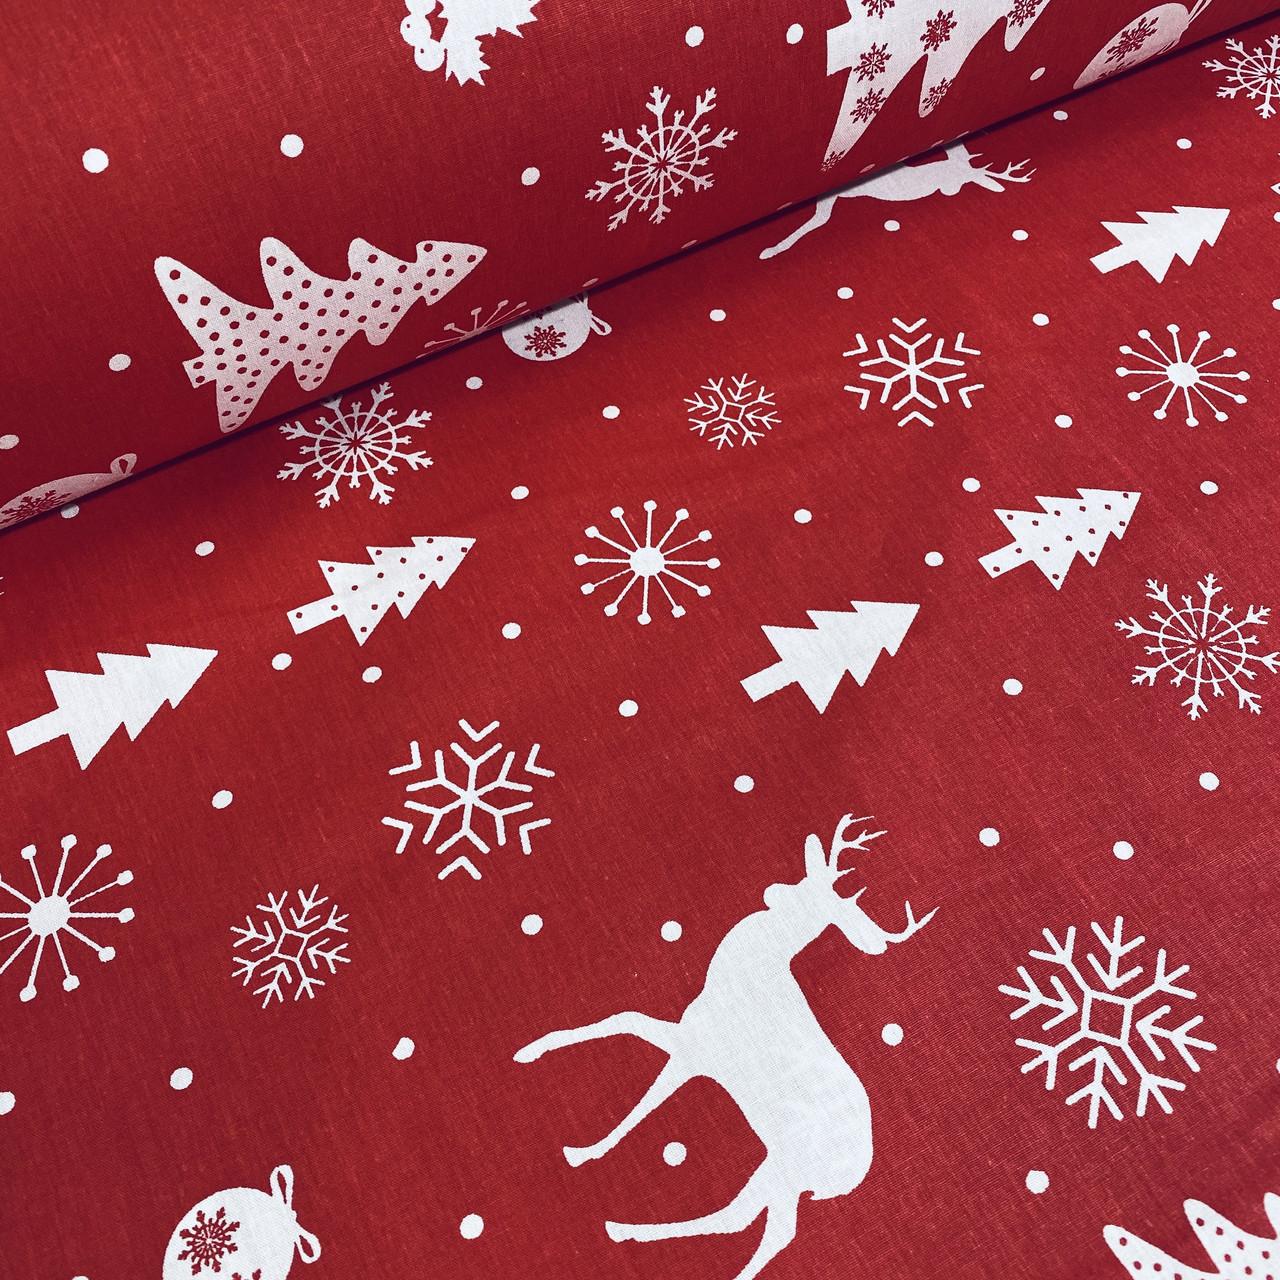 Хлопковая ткань (ТУРЦИЯ шир. 2,4 м) елки, олени, снежинки, снеговики белые на красном